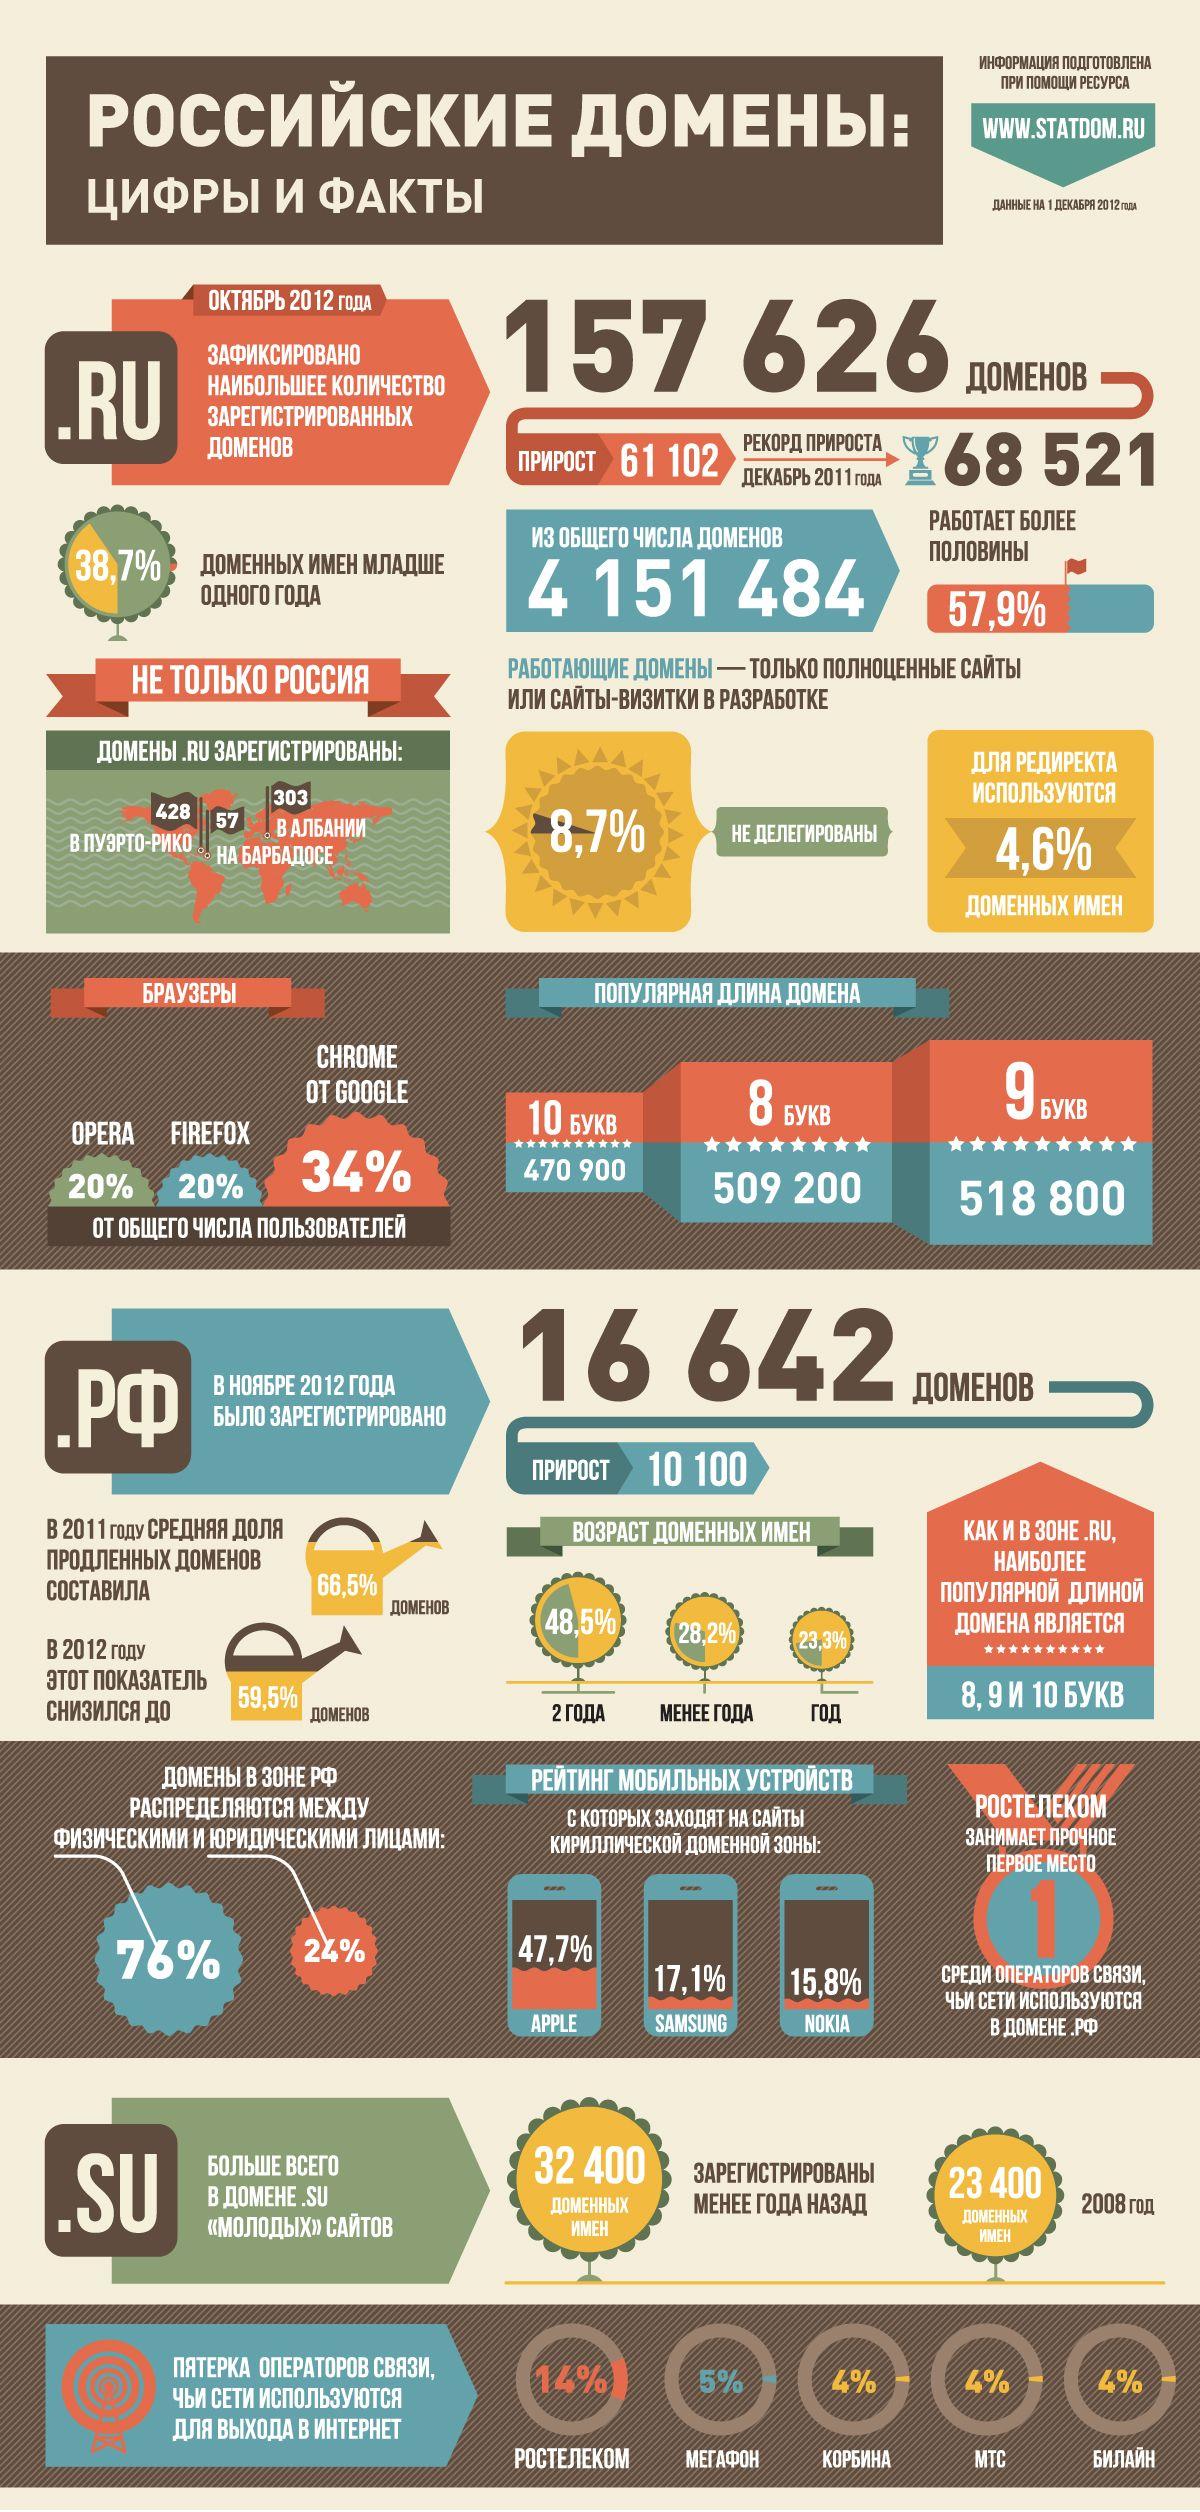 Инфографика: Российские домены